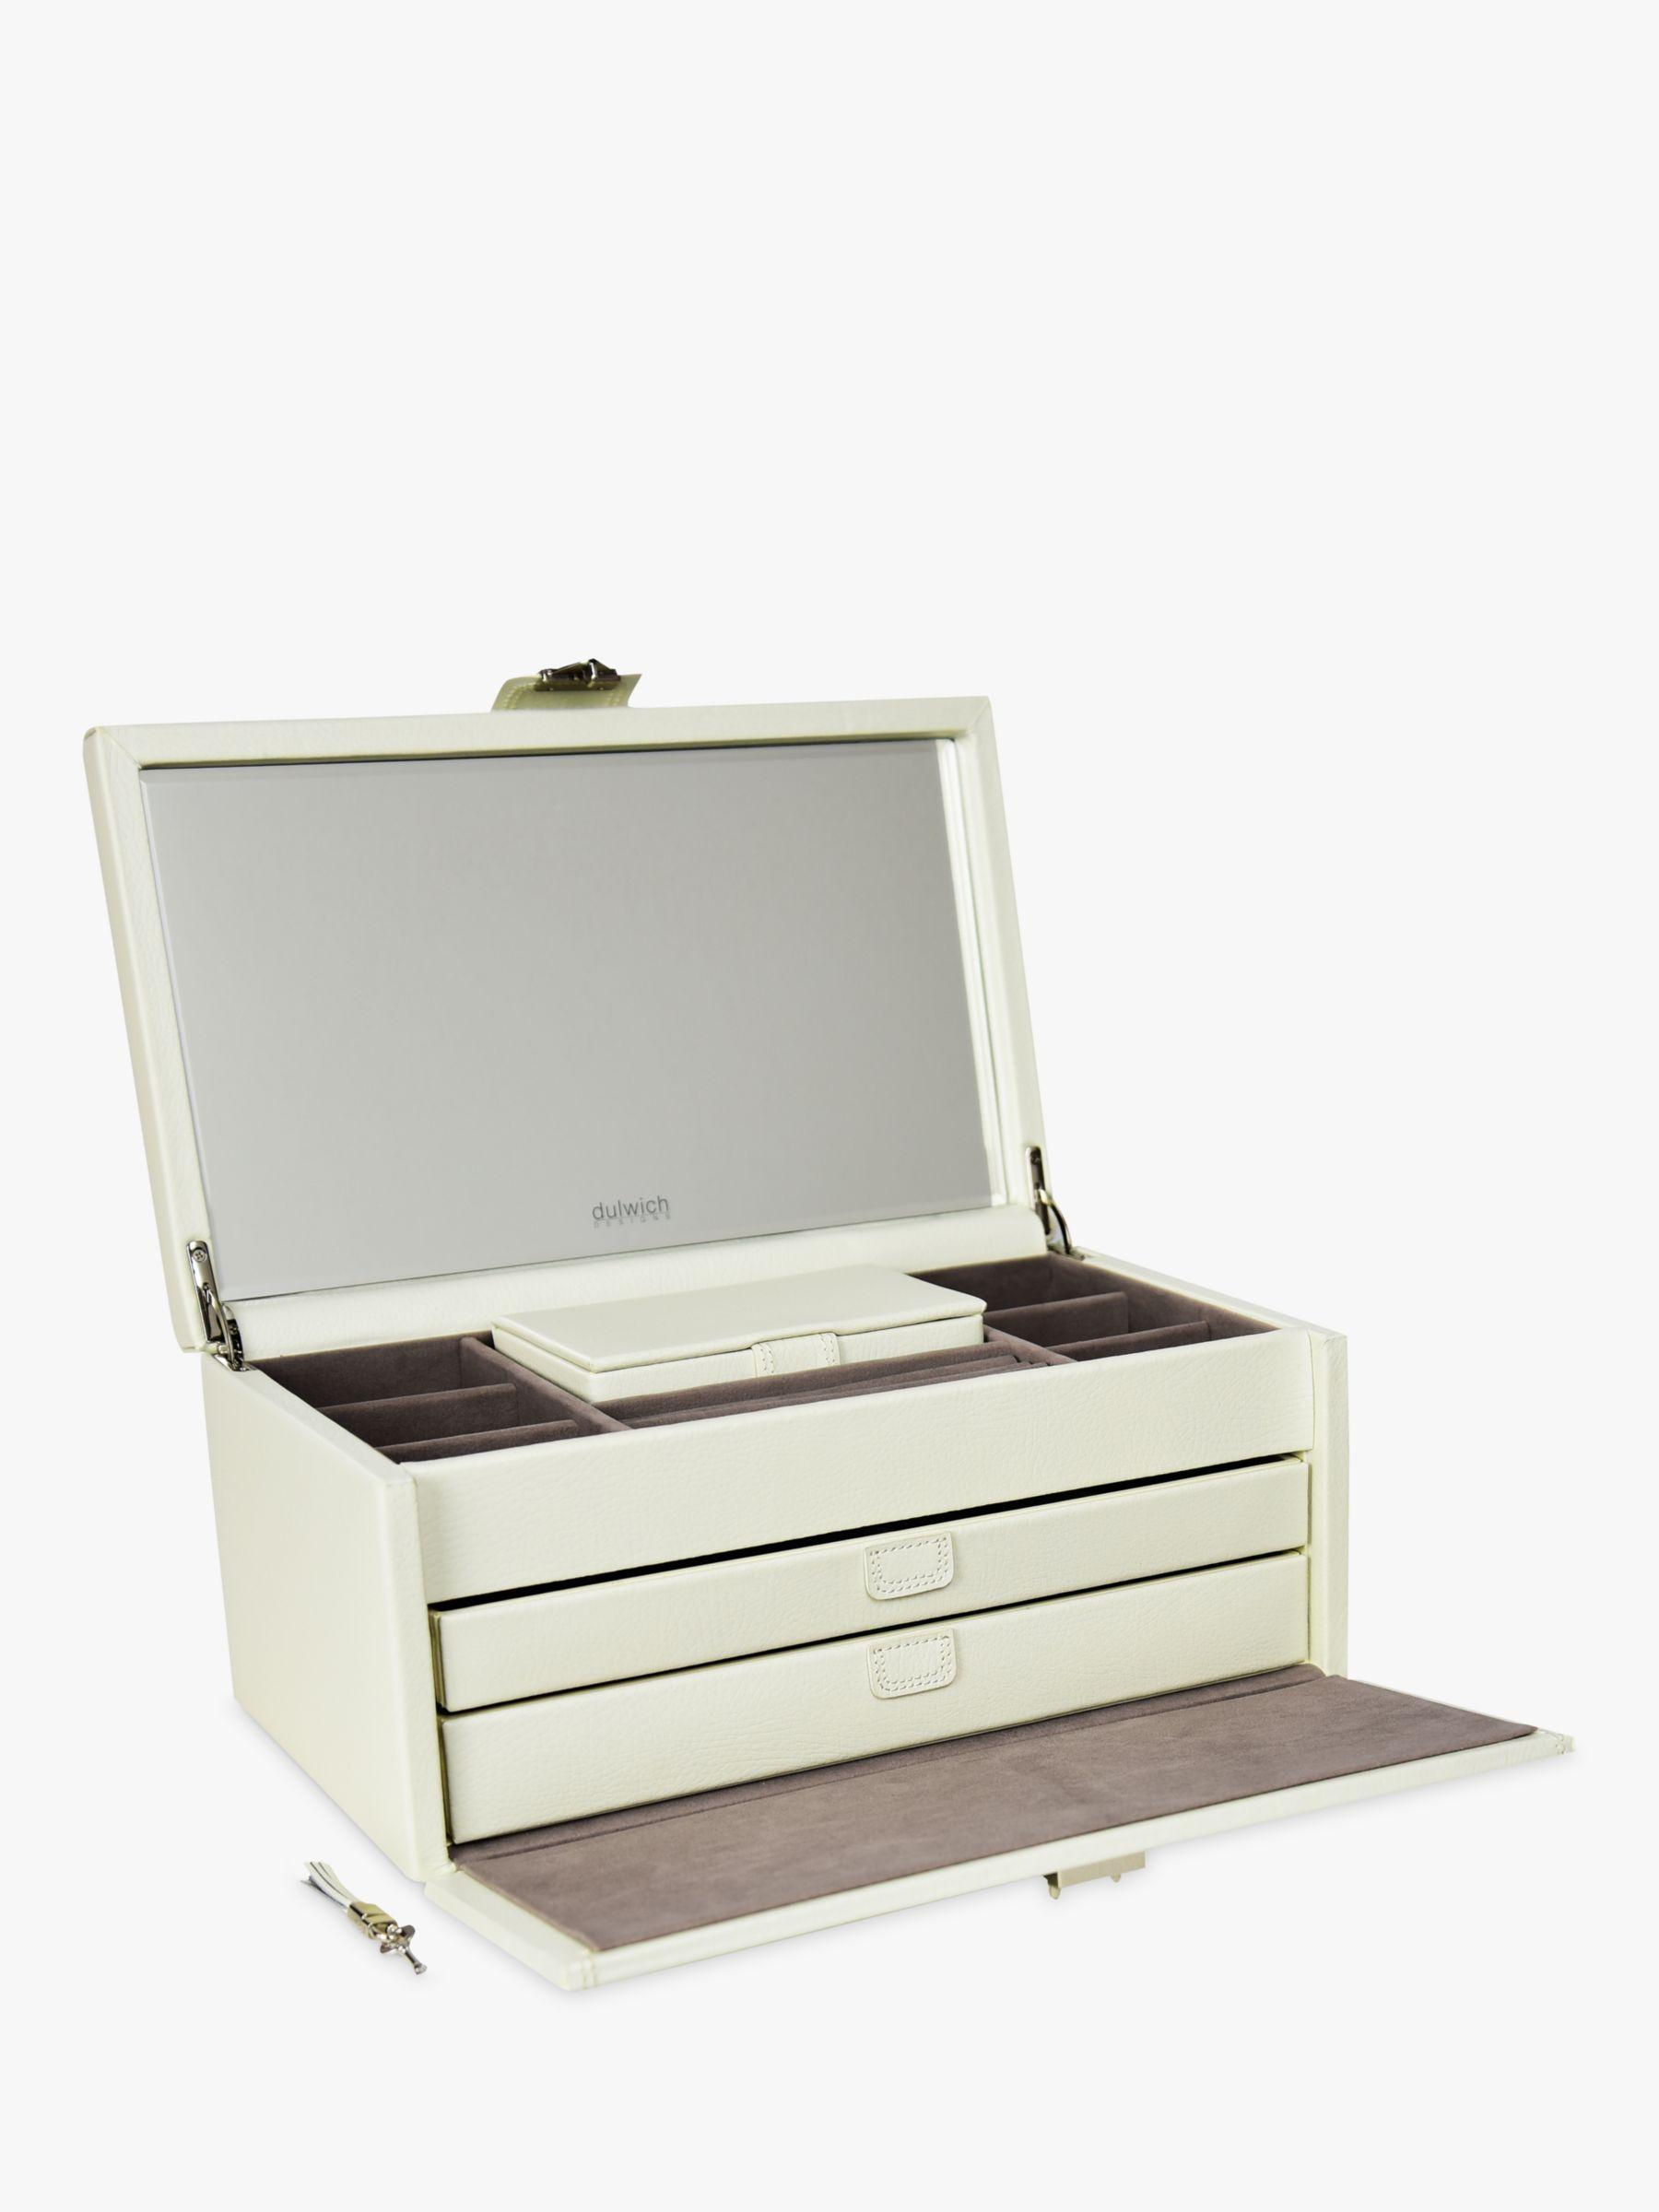 Dulwich Designs DDP XL JEWLRY BOX CREAM